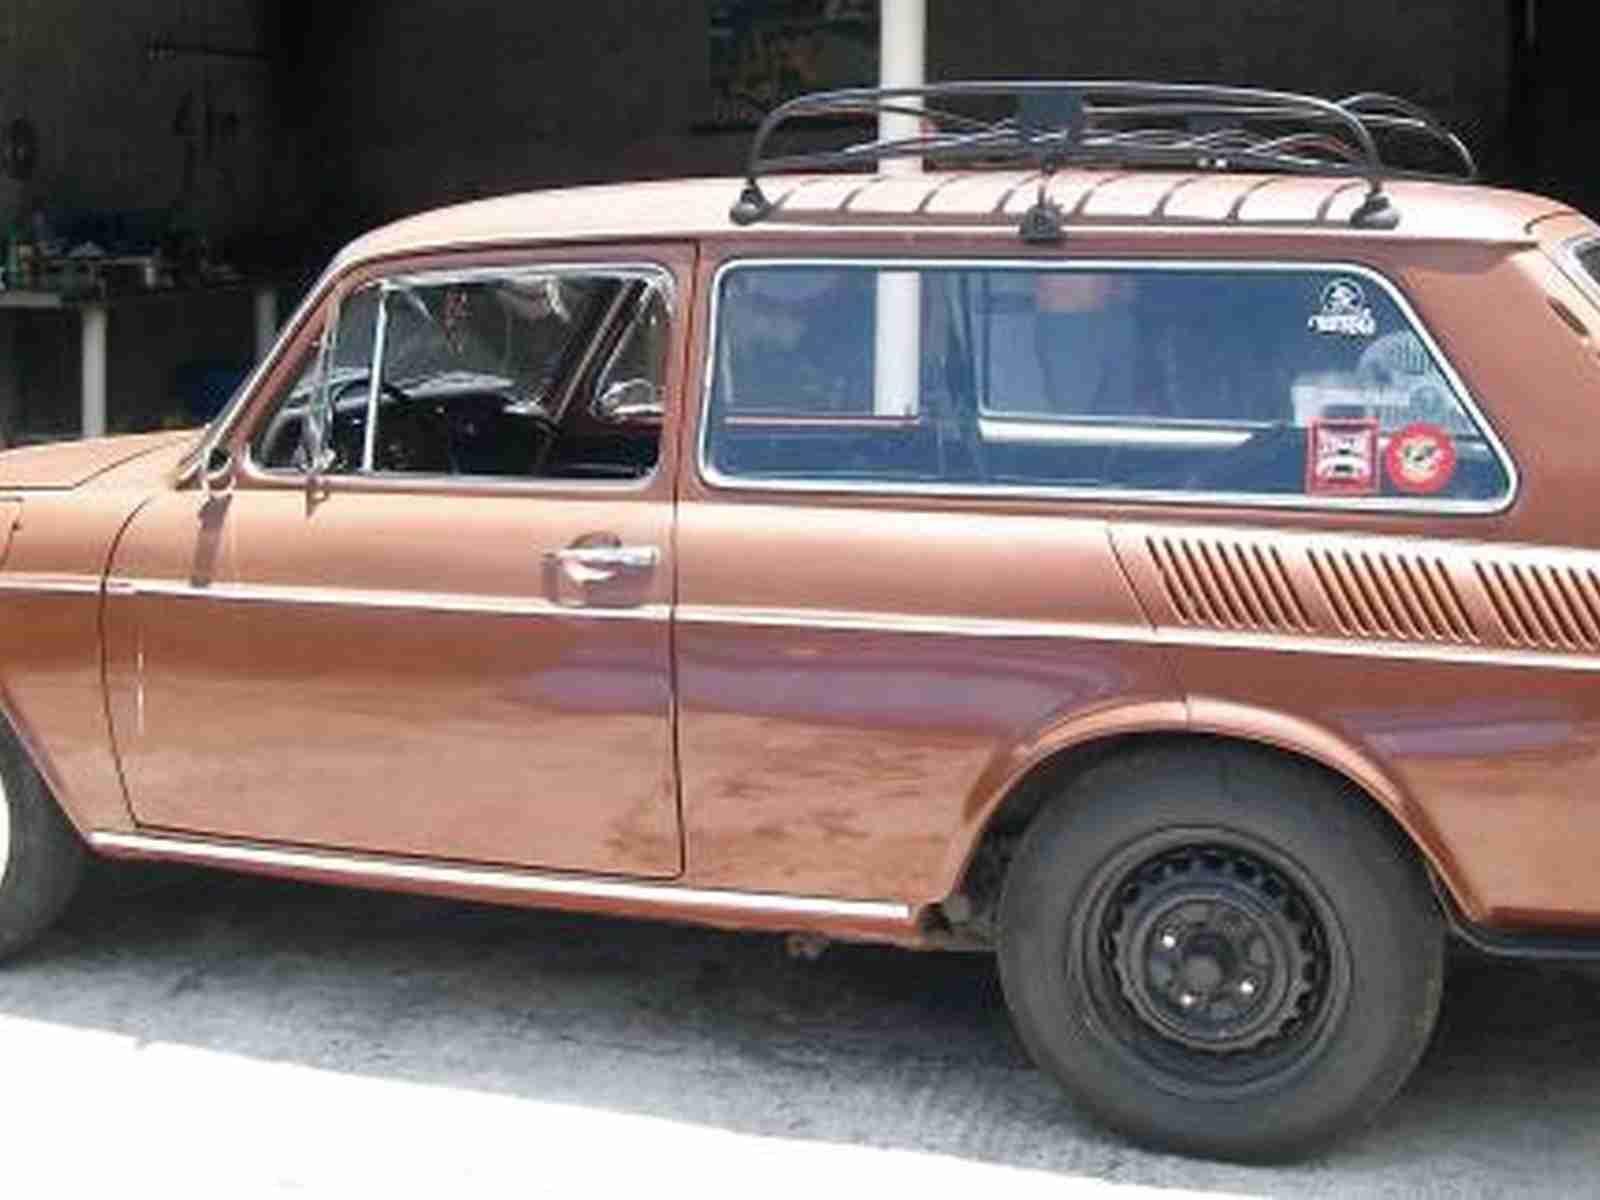 Volkswagen Variant A Venda Carros Antigos Carros Antigos